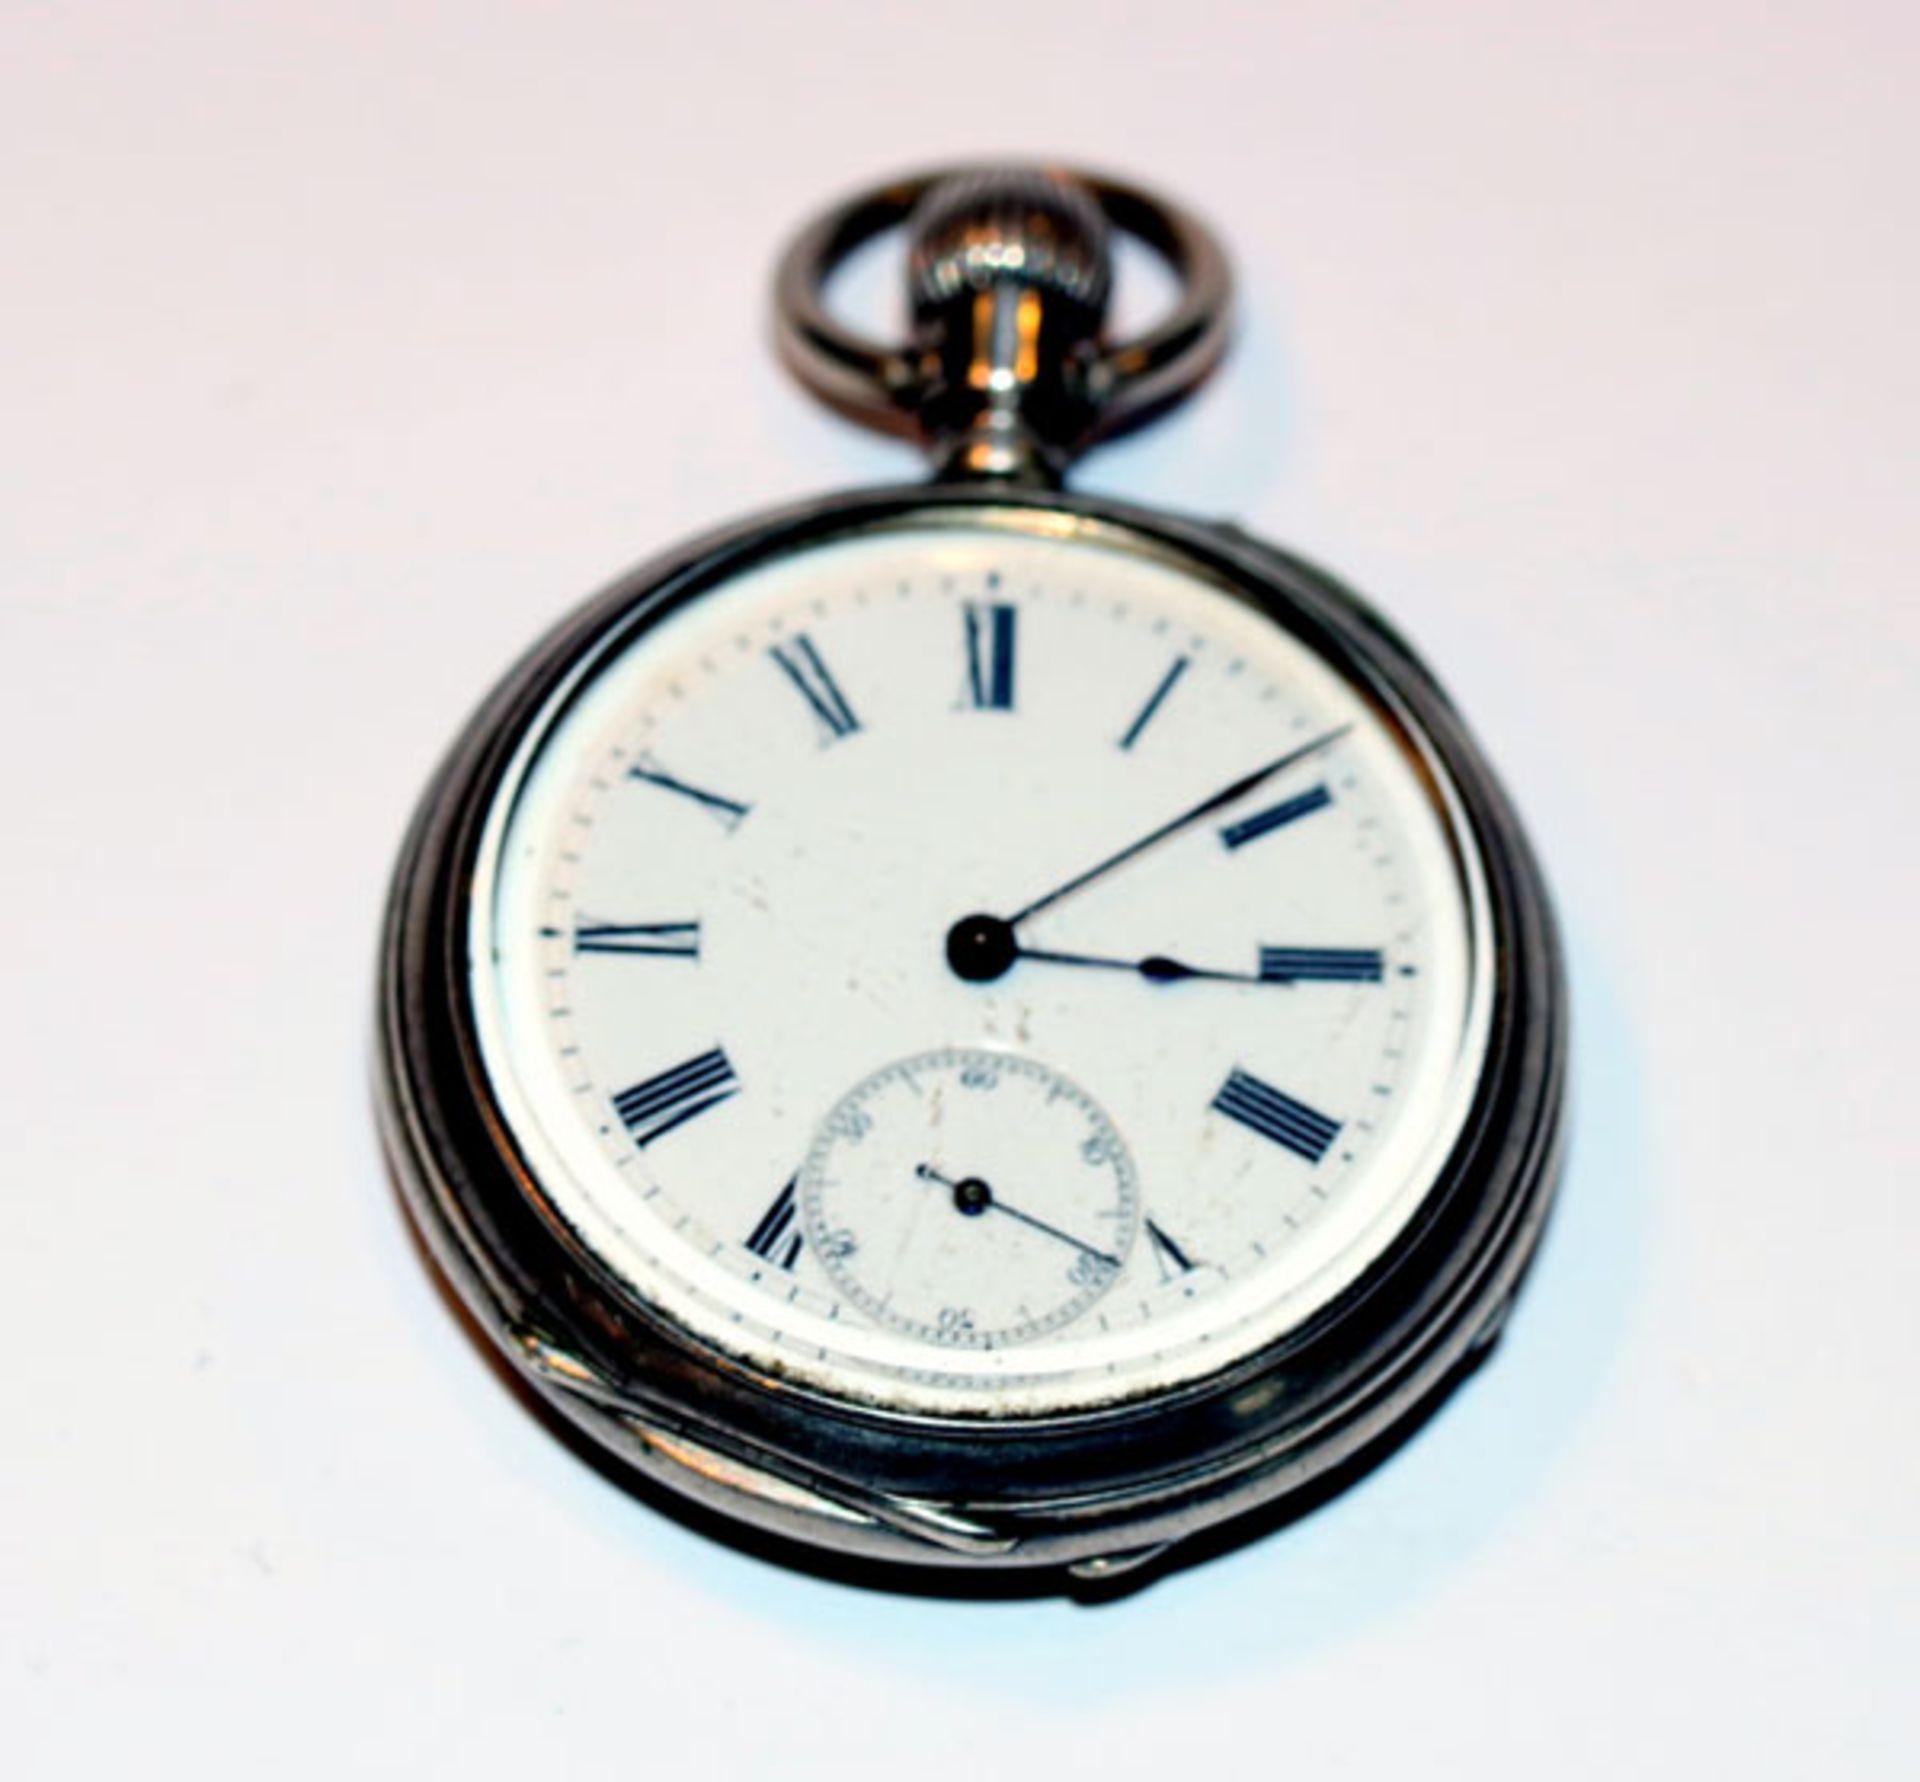 Los 51 - Silber Taschenuhr, rückseitig mit farbiger Jagd-Szenerie, intakt, D 5 cm, Tragespuren